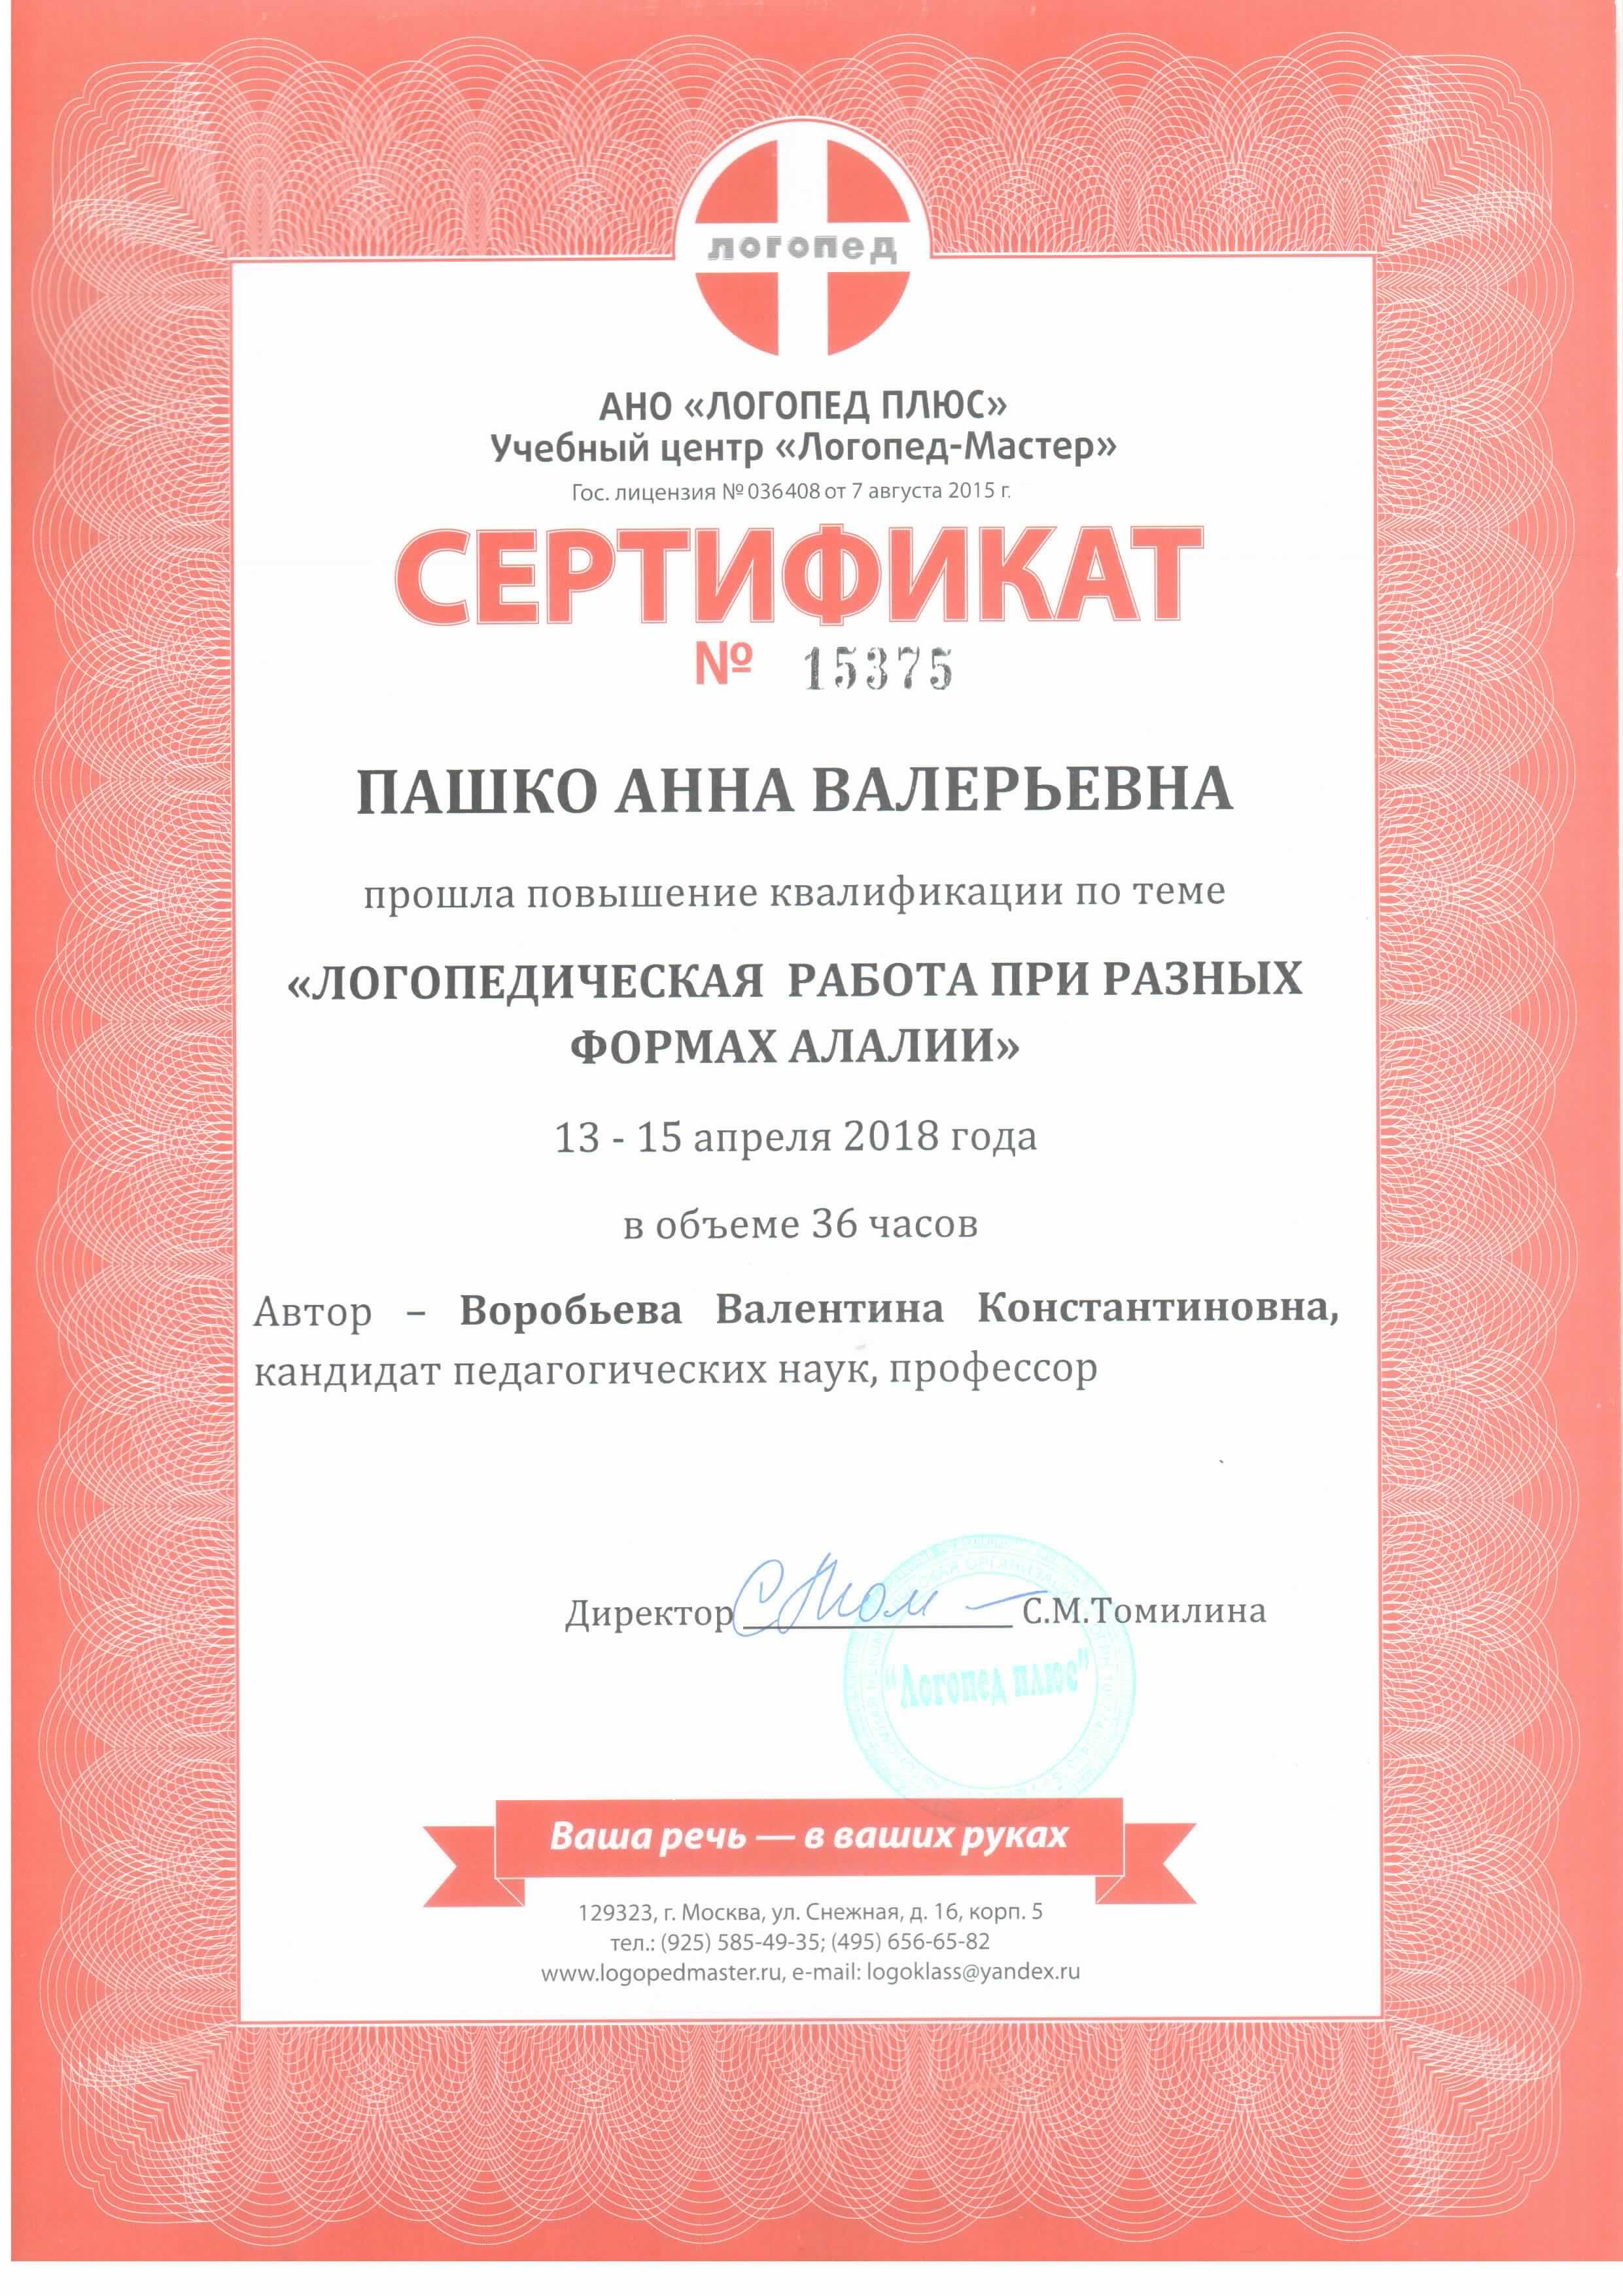 QScan07232019_154943